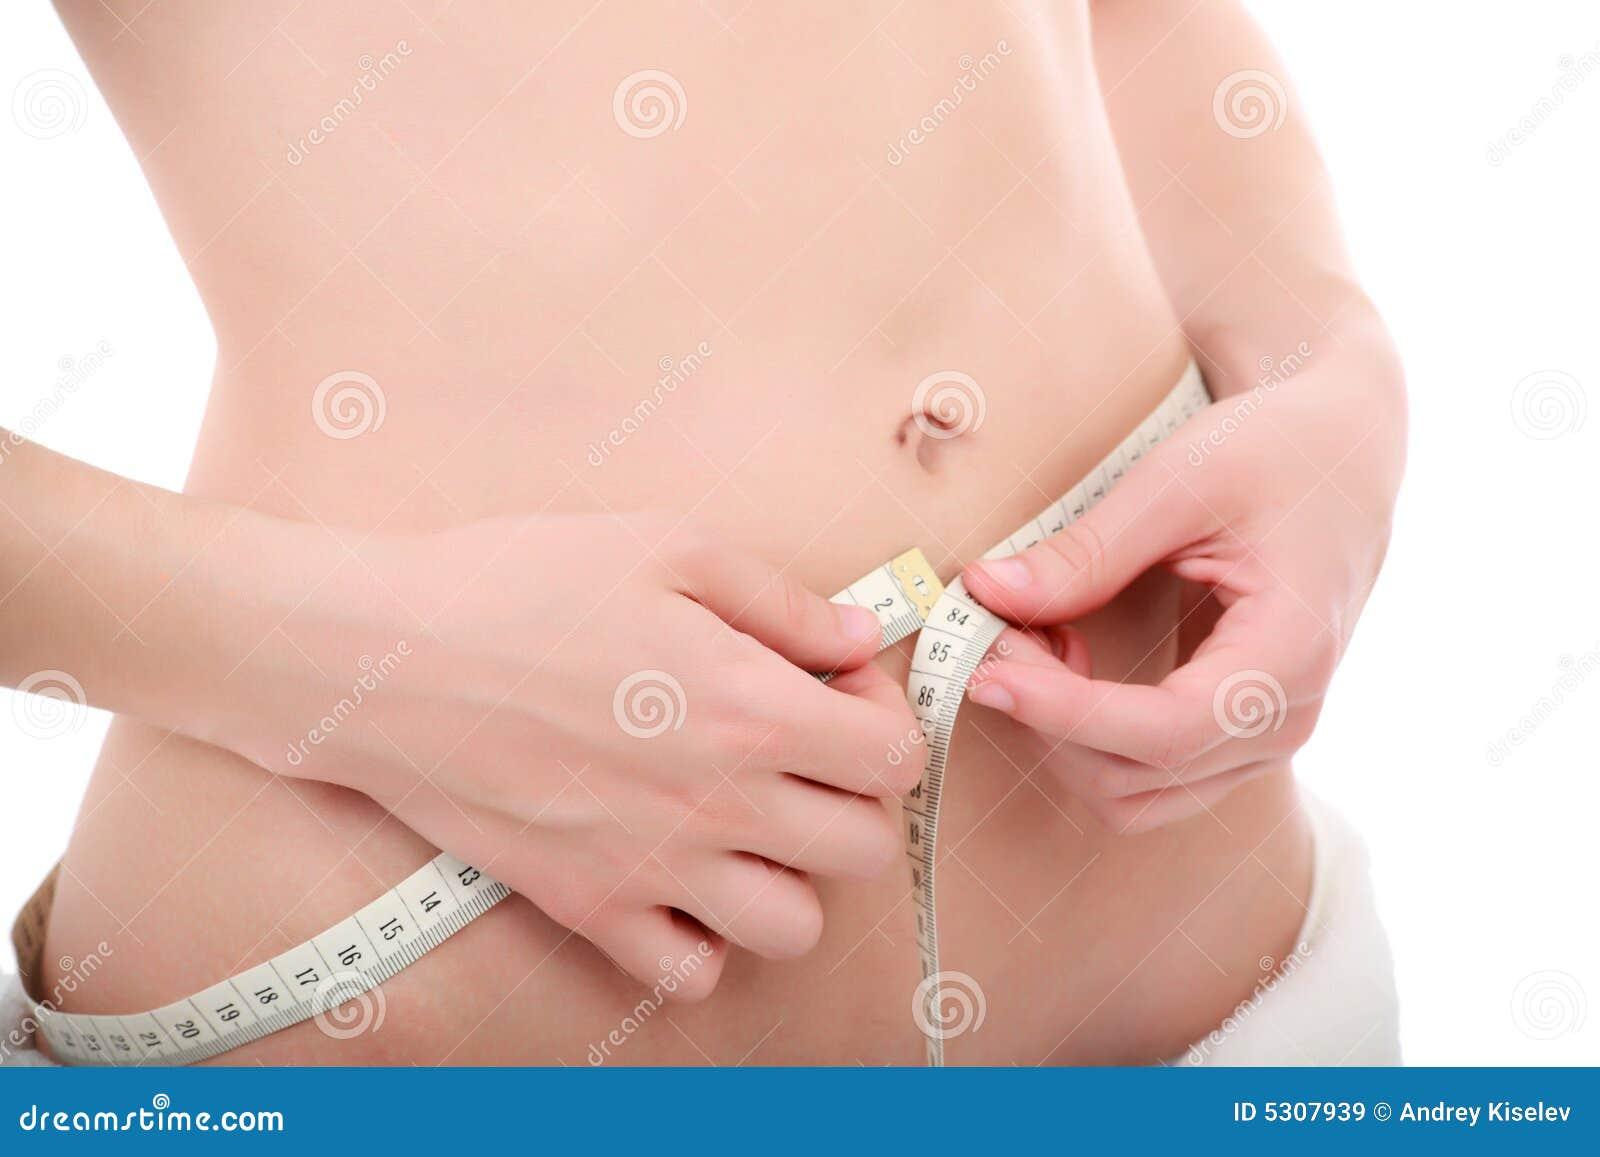 Download Weightloss immagine stock. Immagine di perdita, nutrizione - 5307939